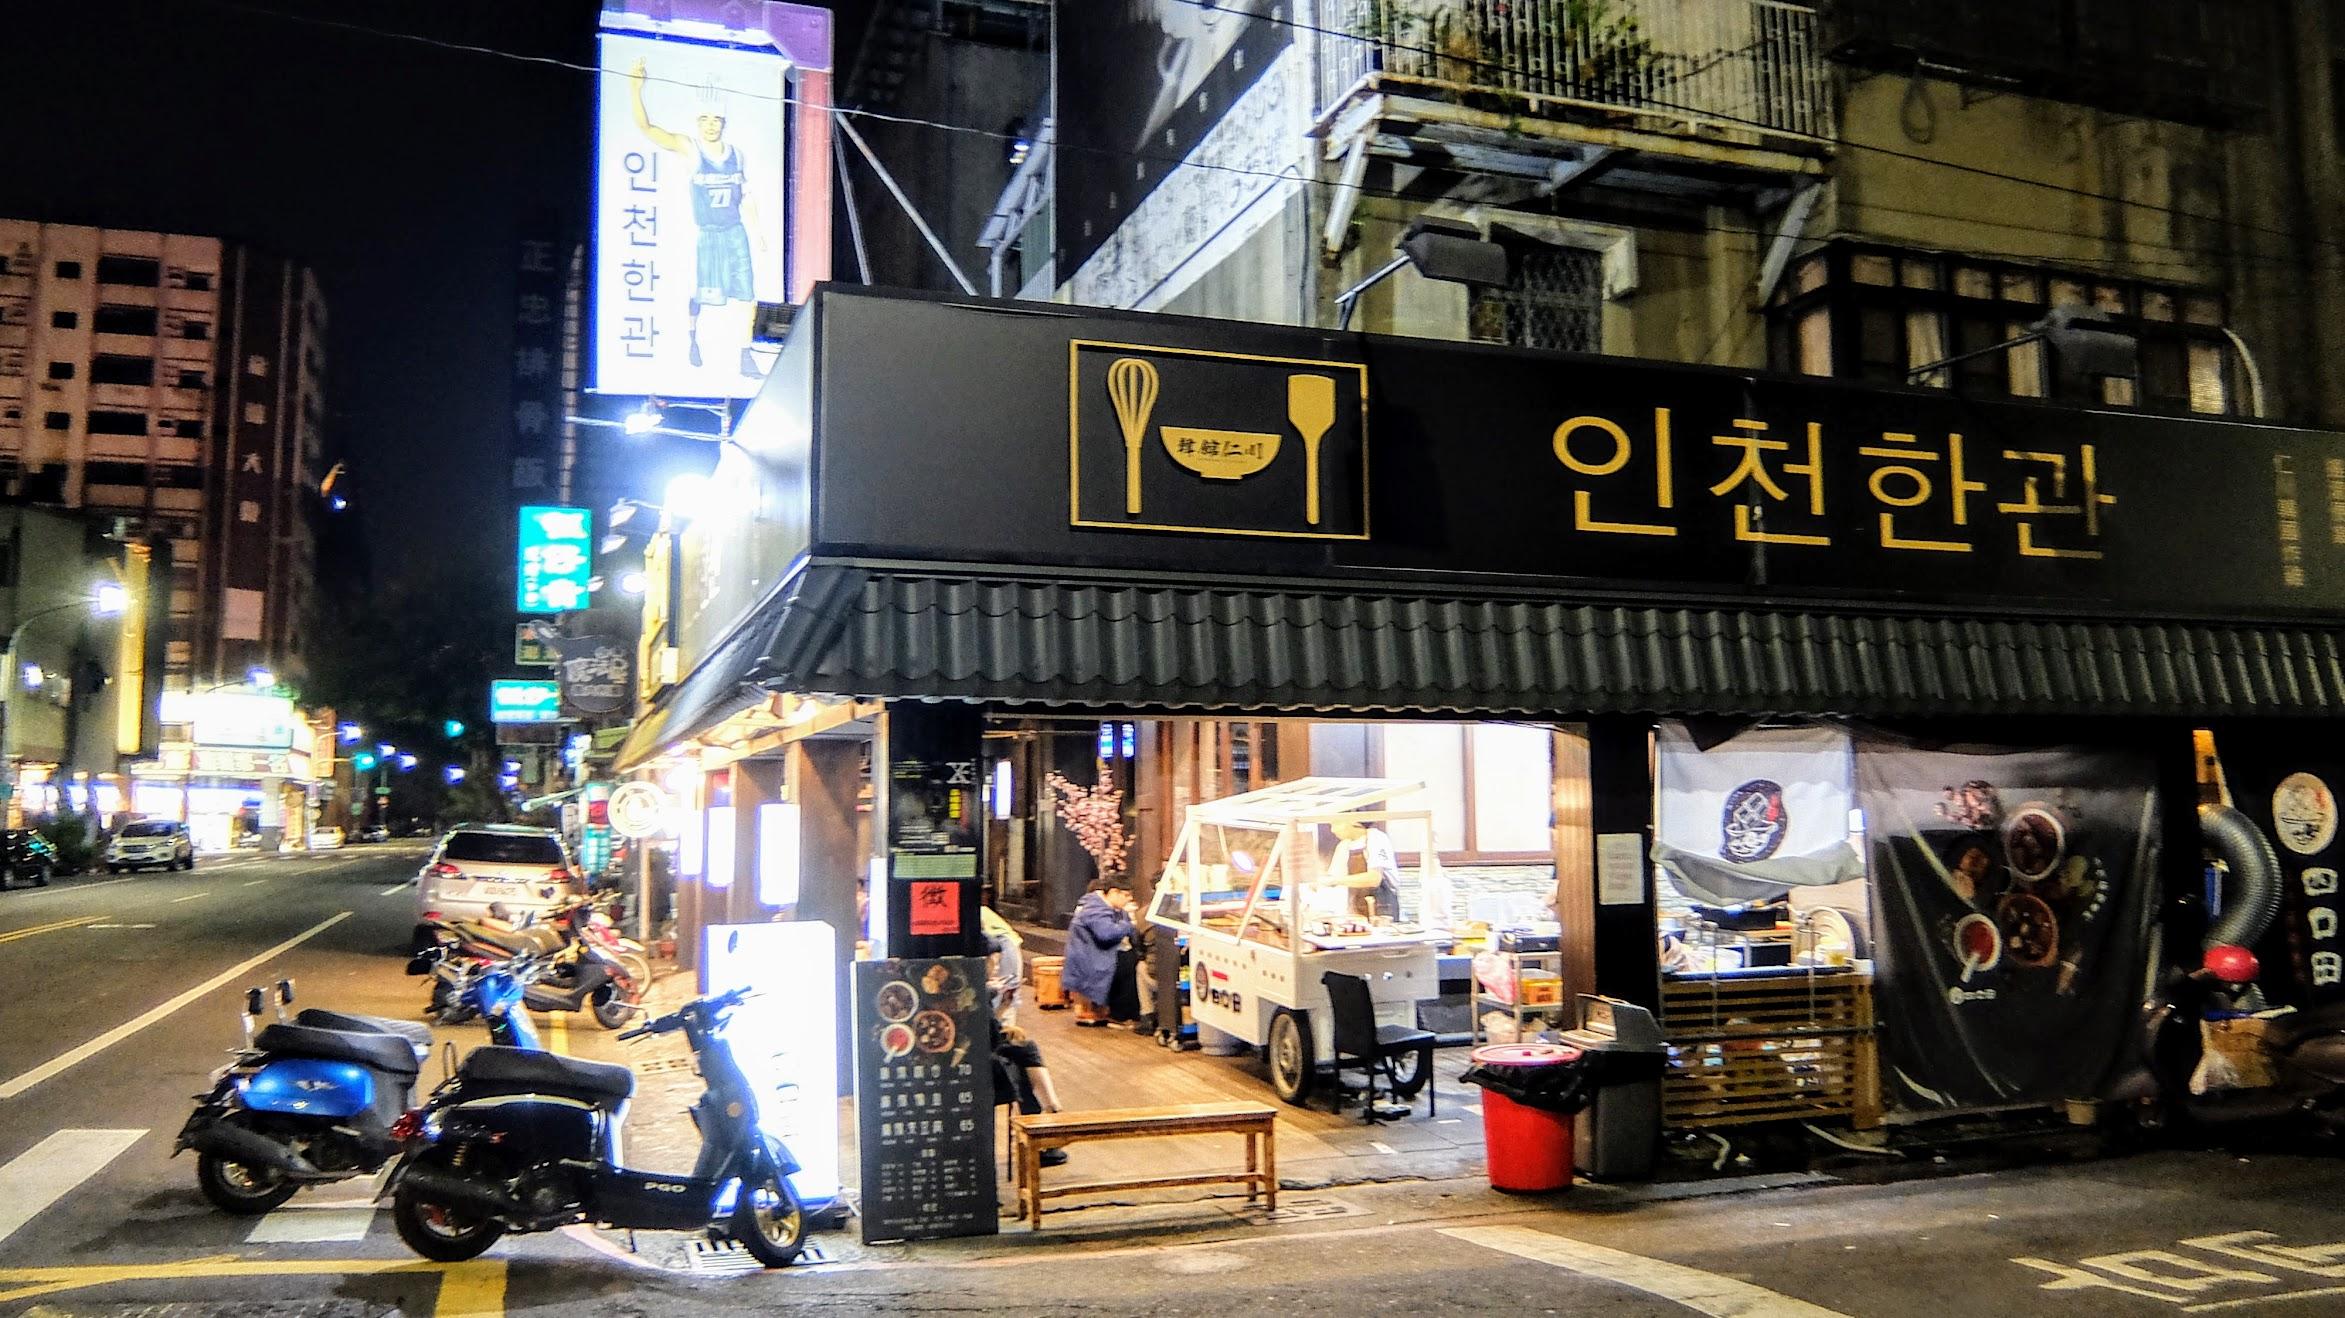 忠孝路這邊有許多宵夜店, 文化路交叉口旁的韓館仁川騎樓多了一個小攤,就是四口田